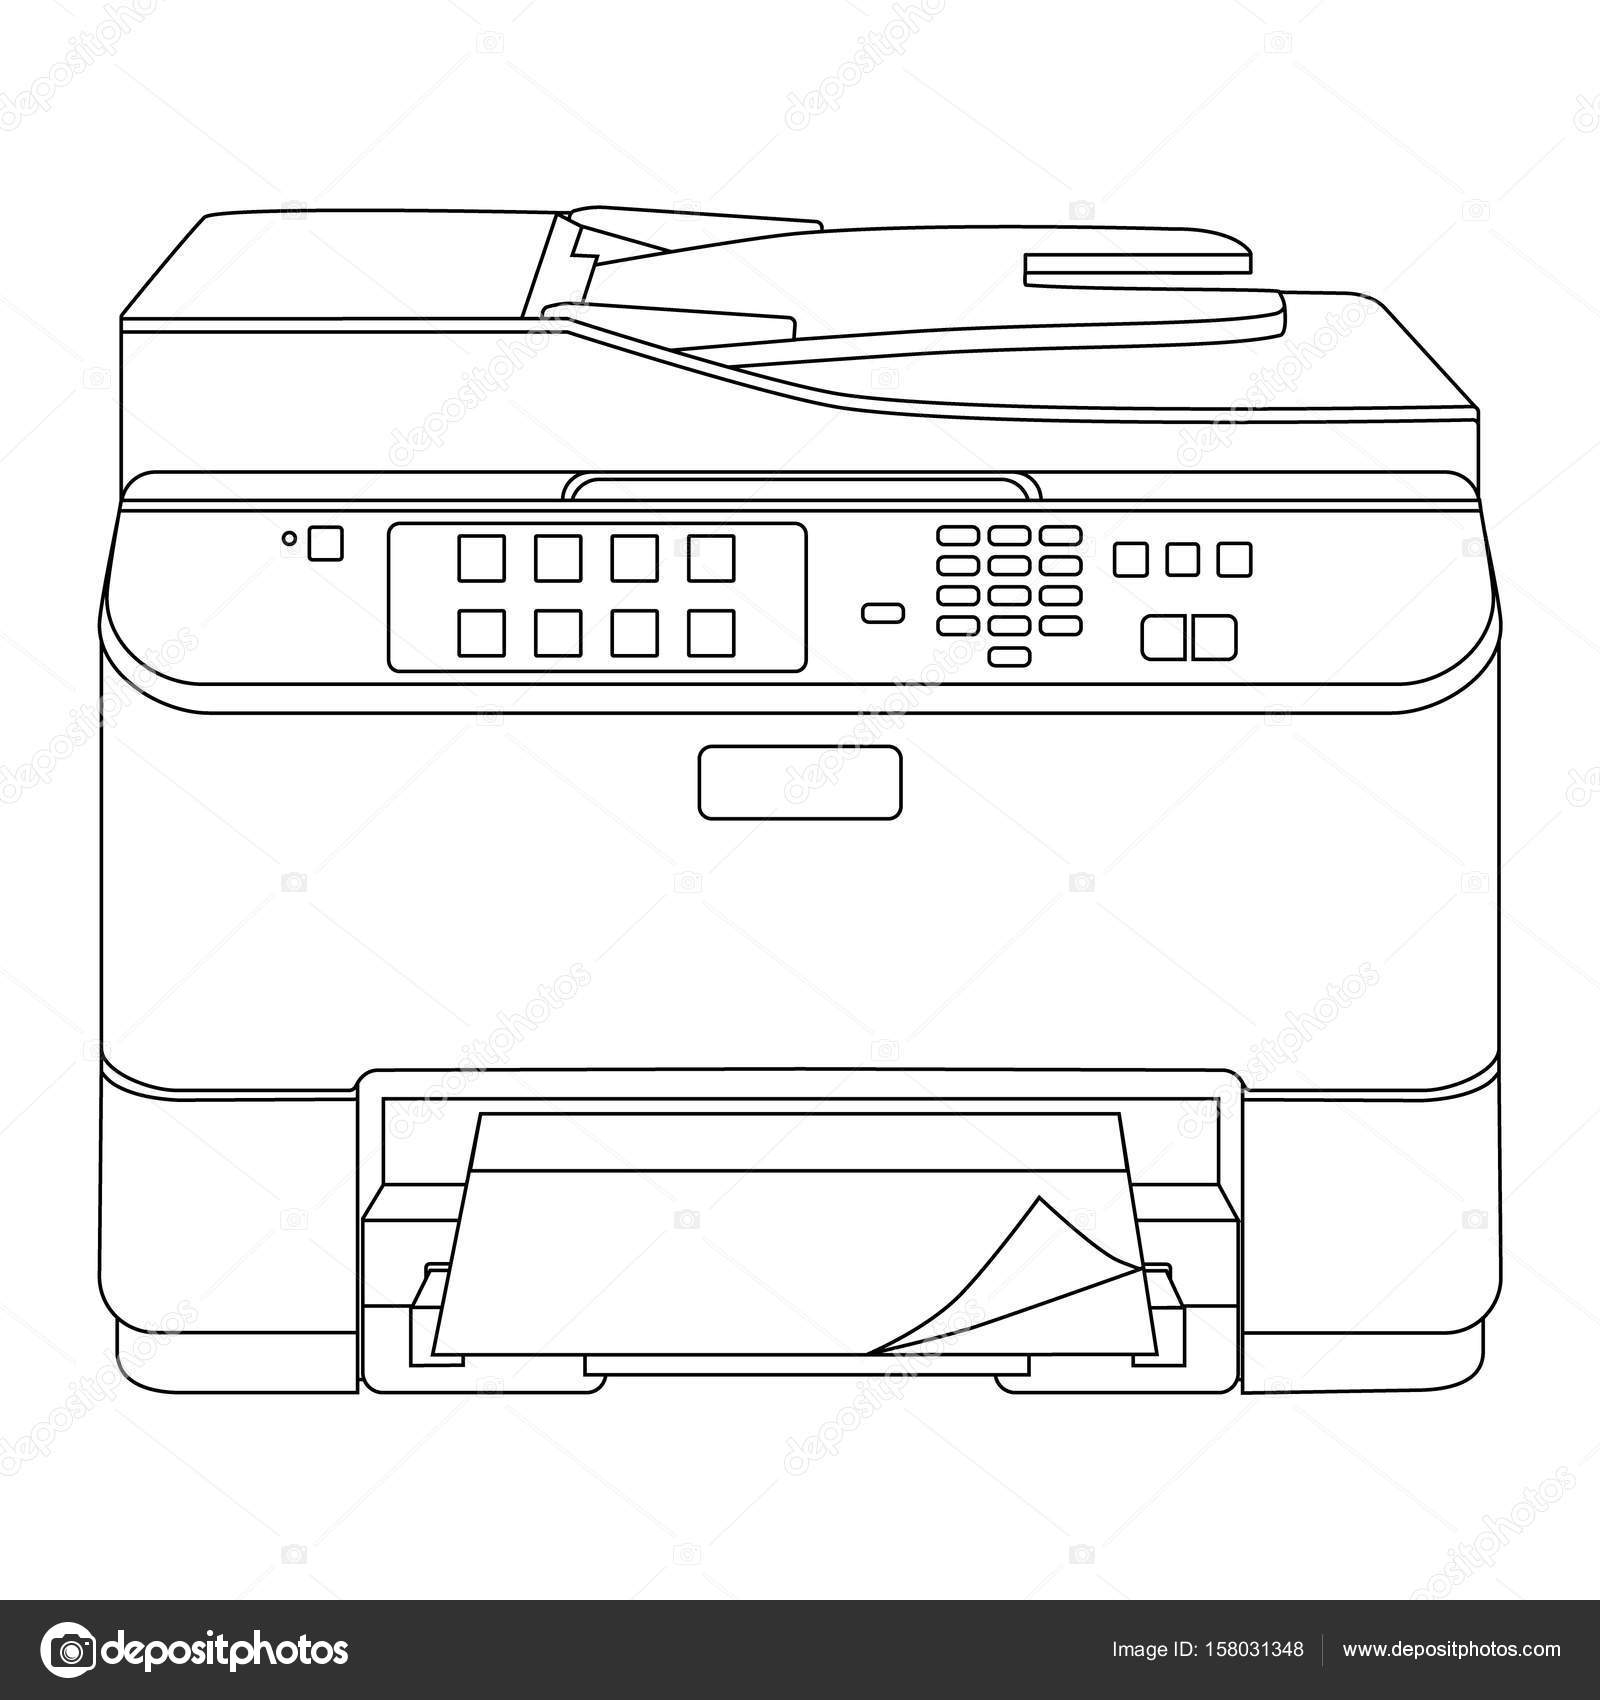 картинки для ксерокса распечатать удивительно